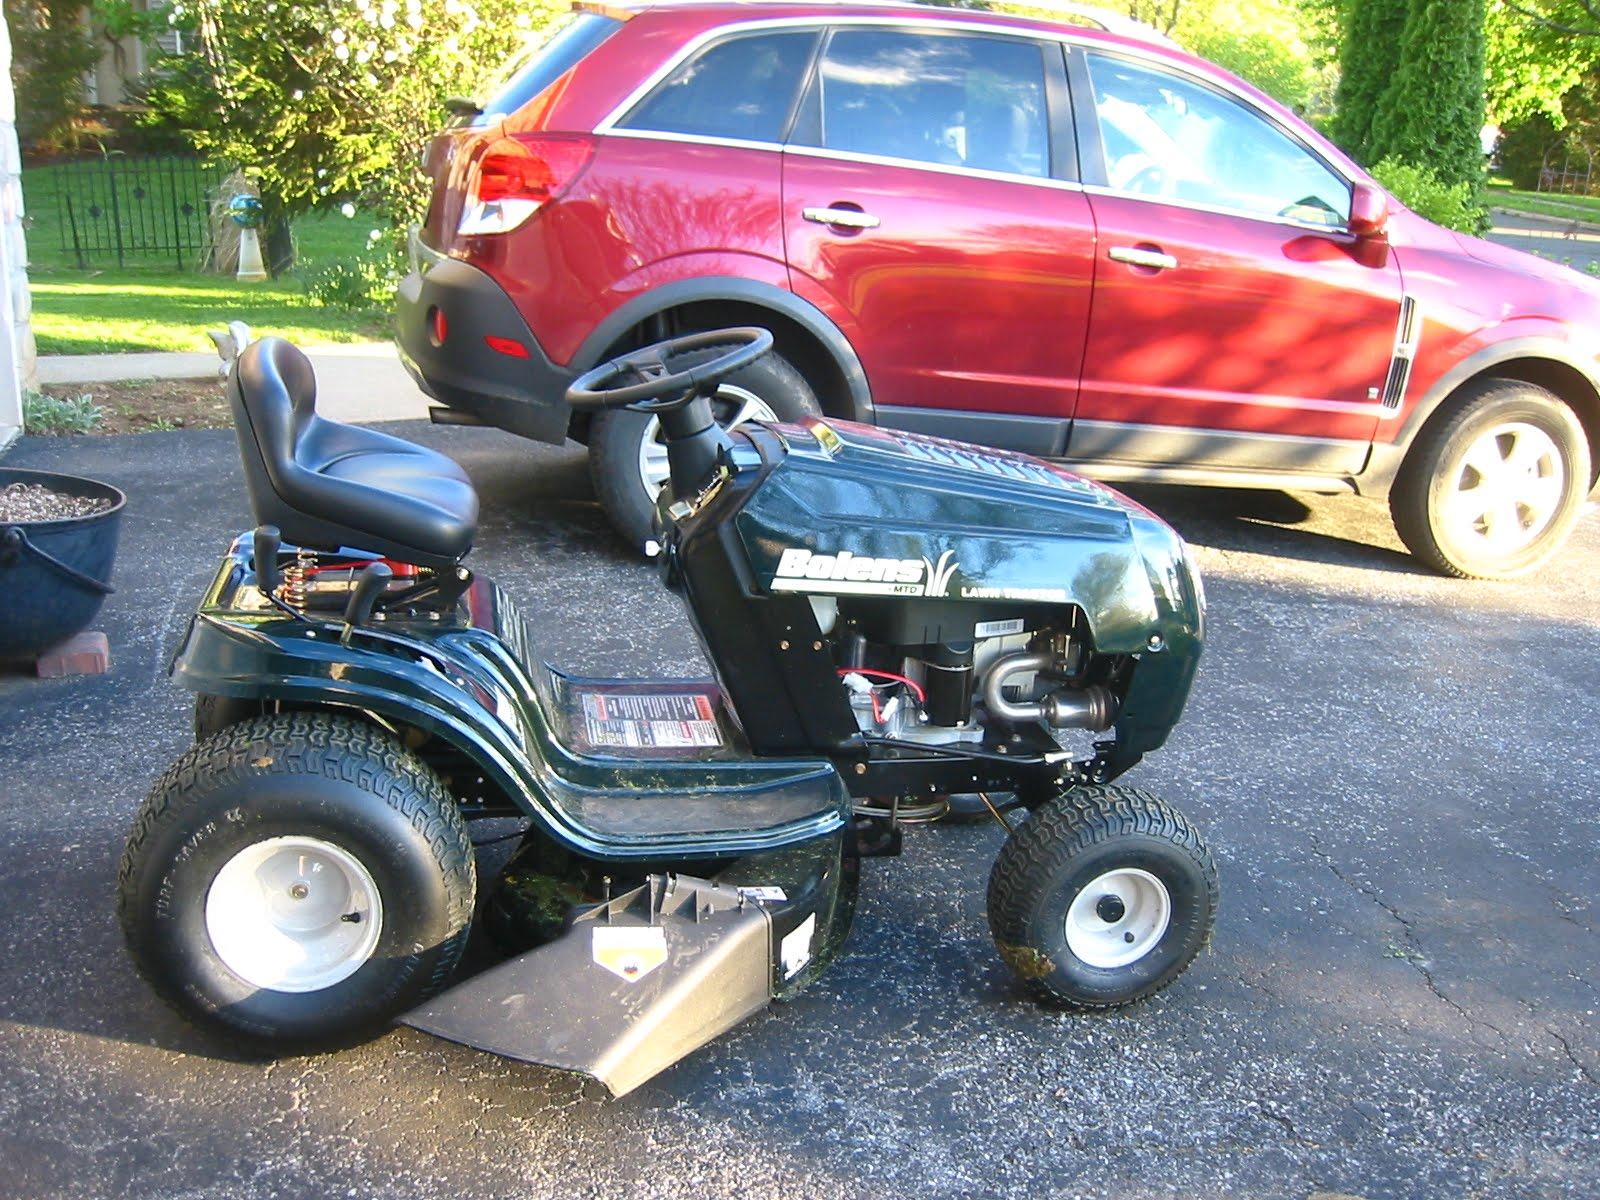 Bolens Bagger Parts : Bolens riding mower